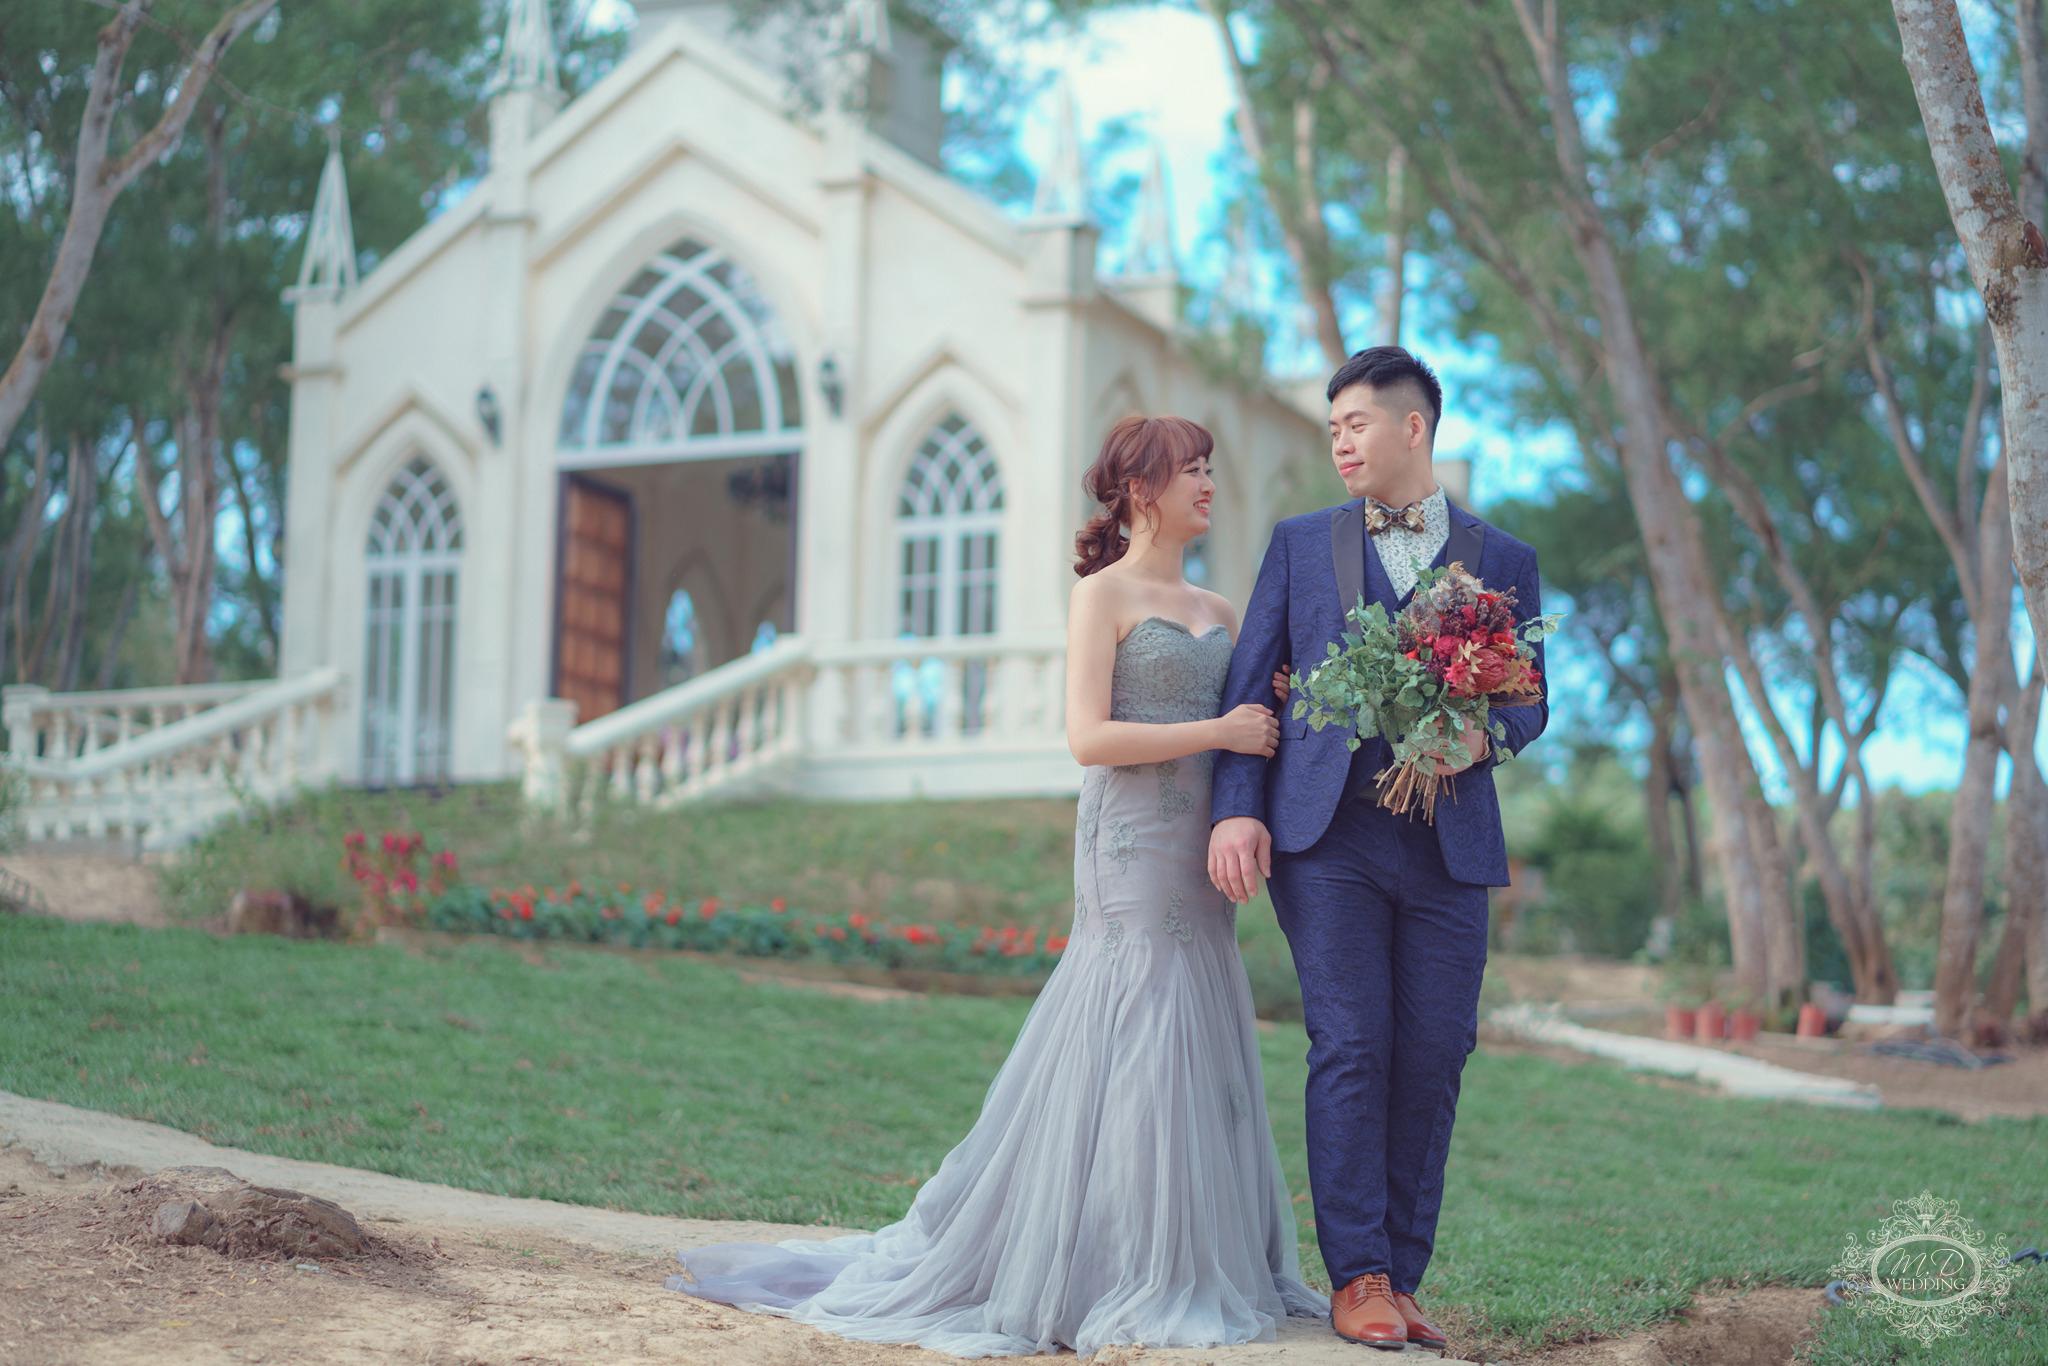 苗栗格林奇幻森林攝影基地 夢幻童話森林 浪漫風格 逆光婚紗 台北婚紗推薦